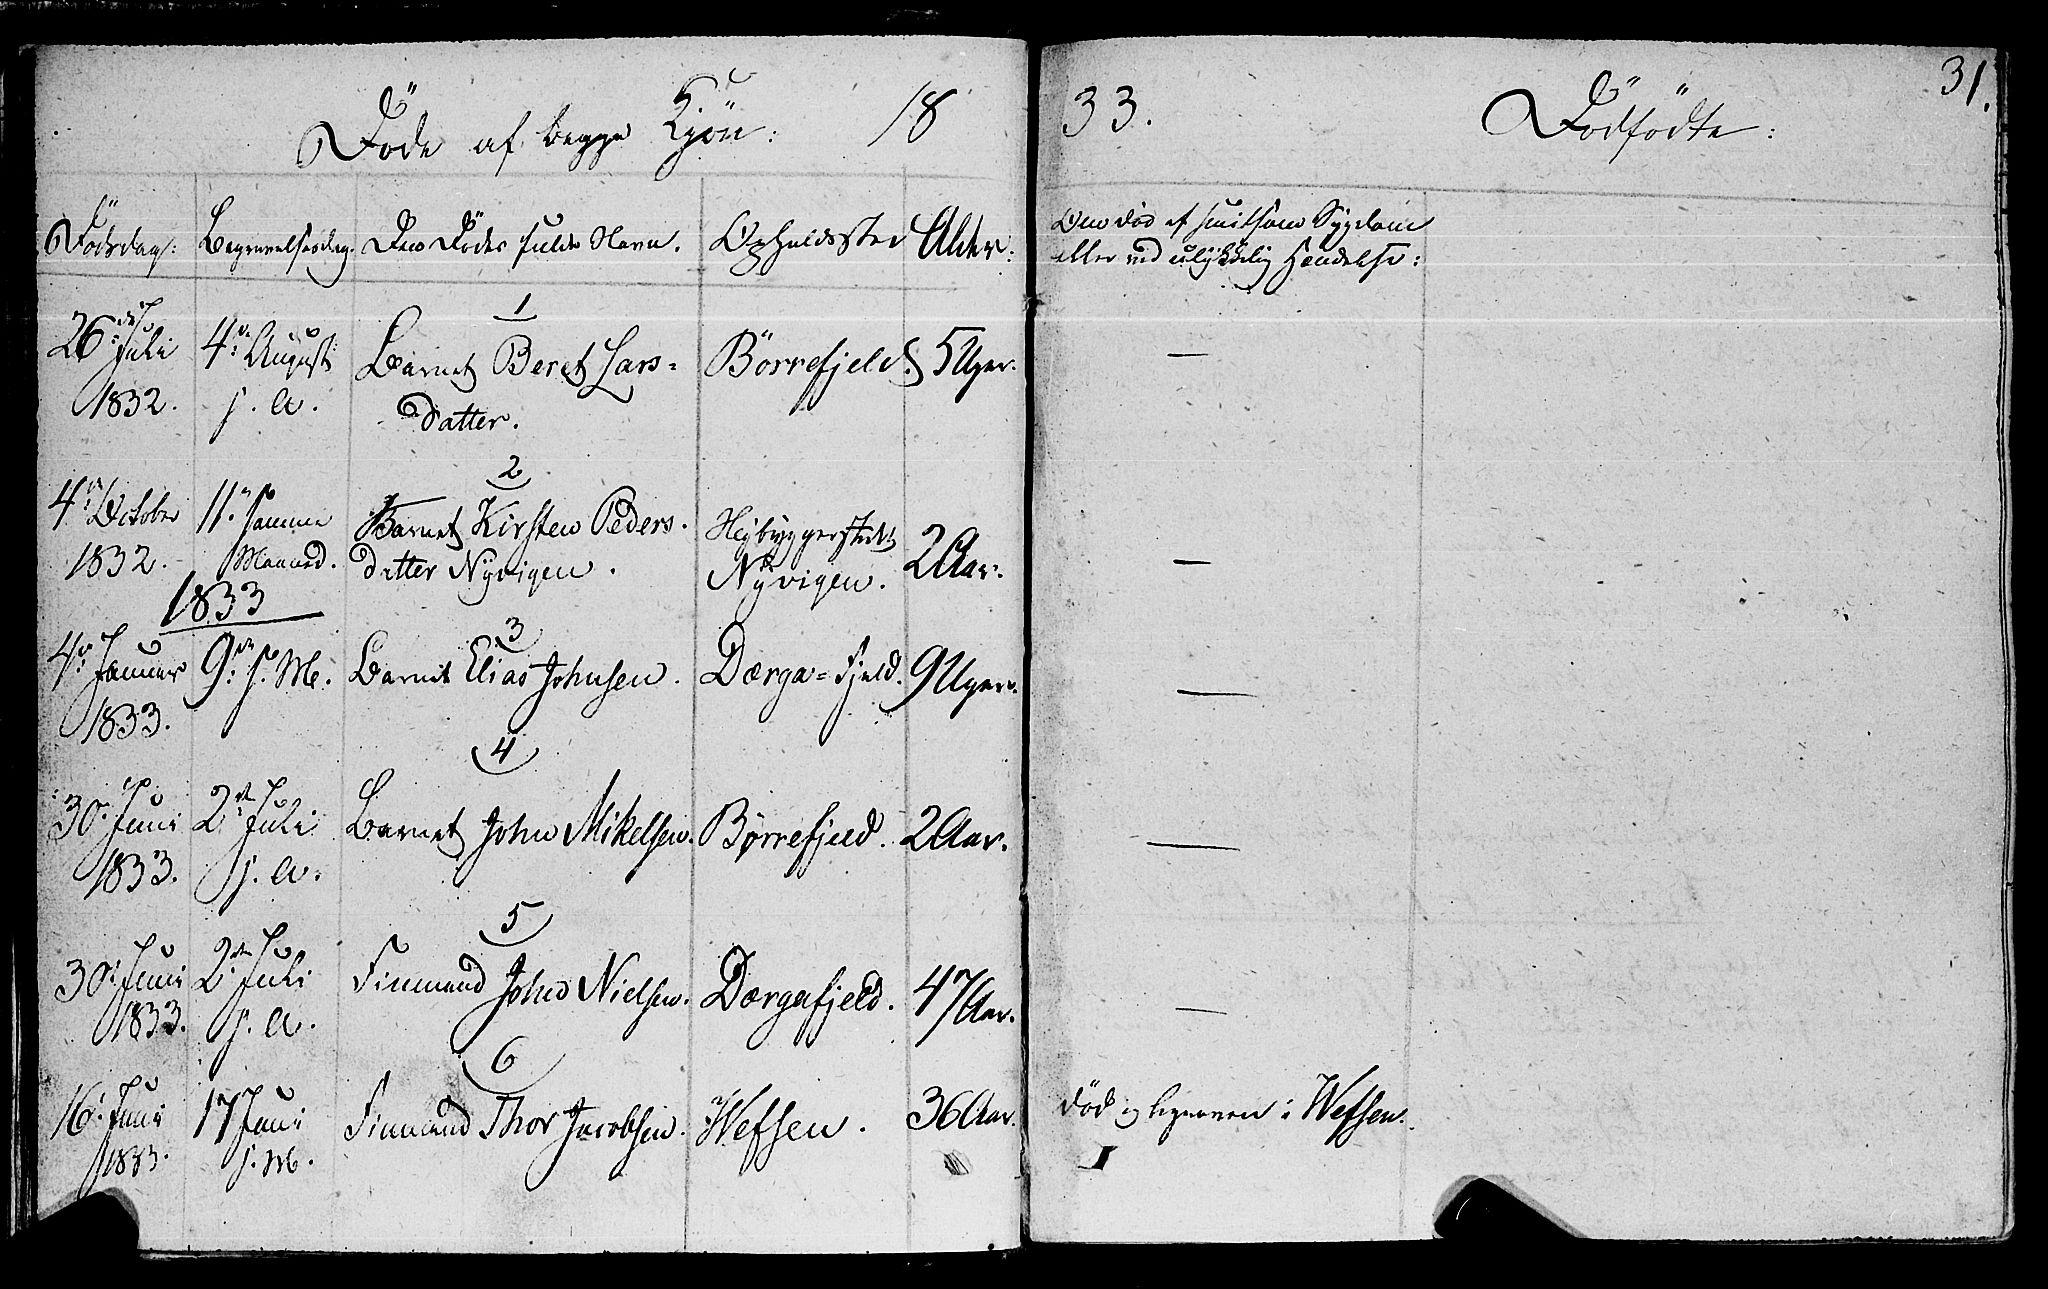 SAT, Ministerialprotokoller, klokkerbøker og fødselsregistre - Nord-Trøndelag, 762/L0538: Ministerialbok nr. 762A02 /1, 1833-1879, s. 31